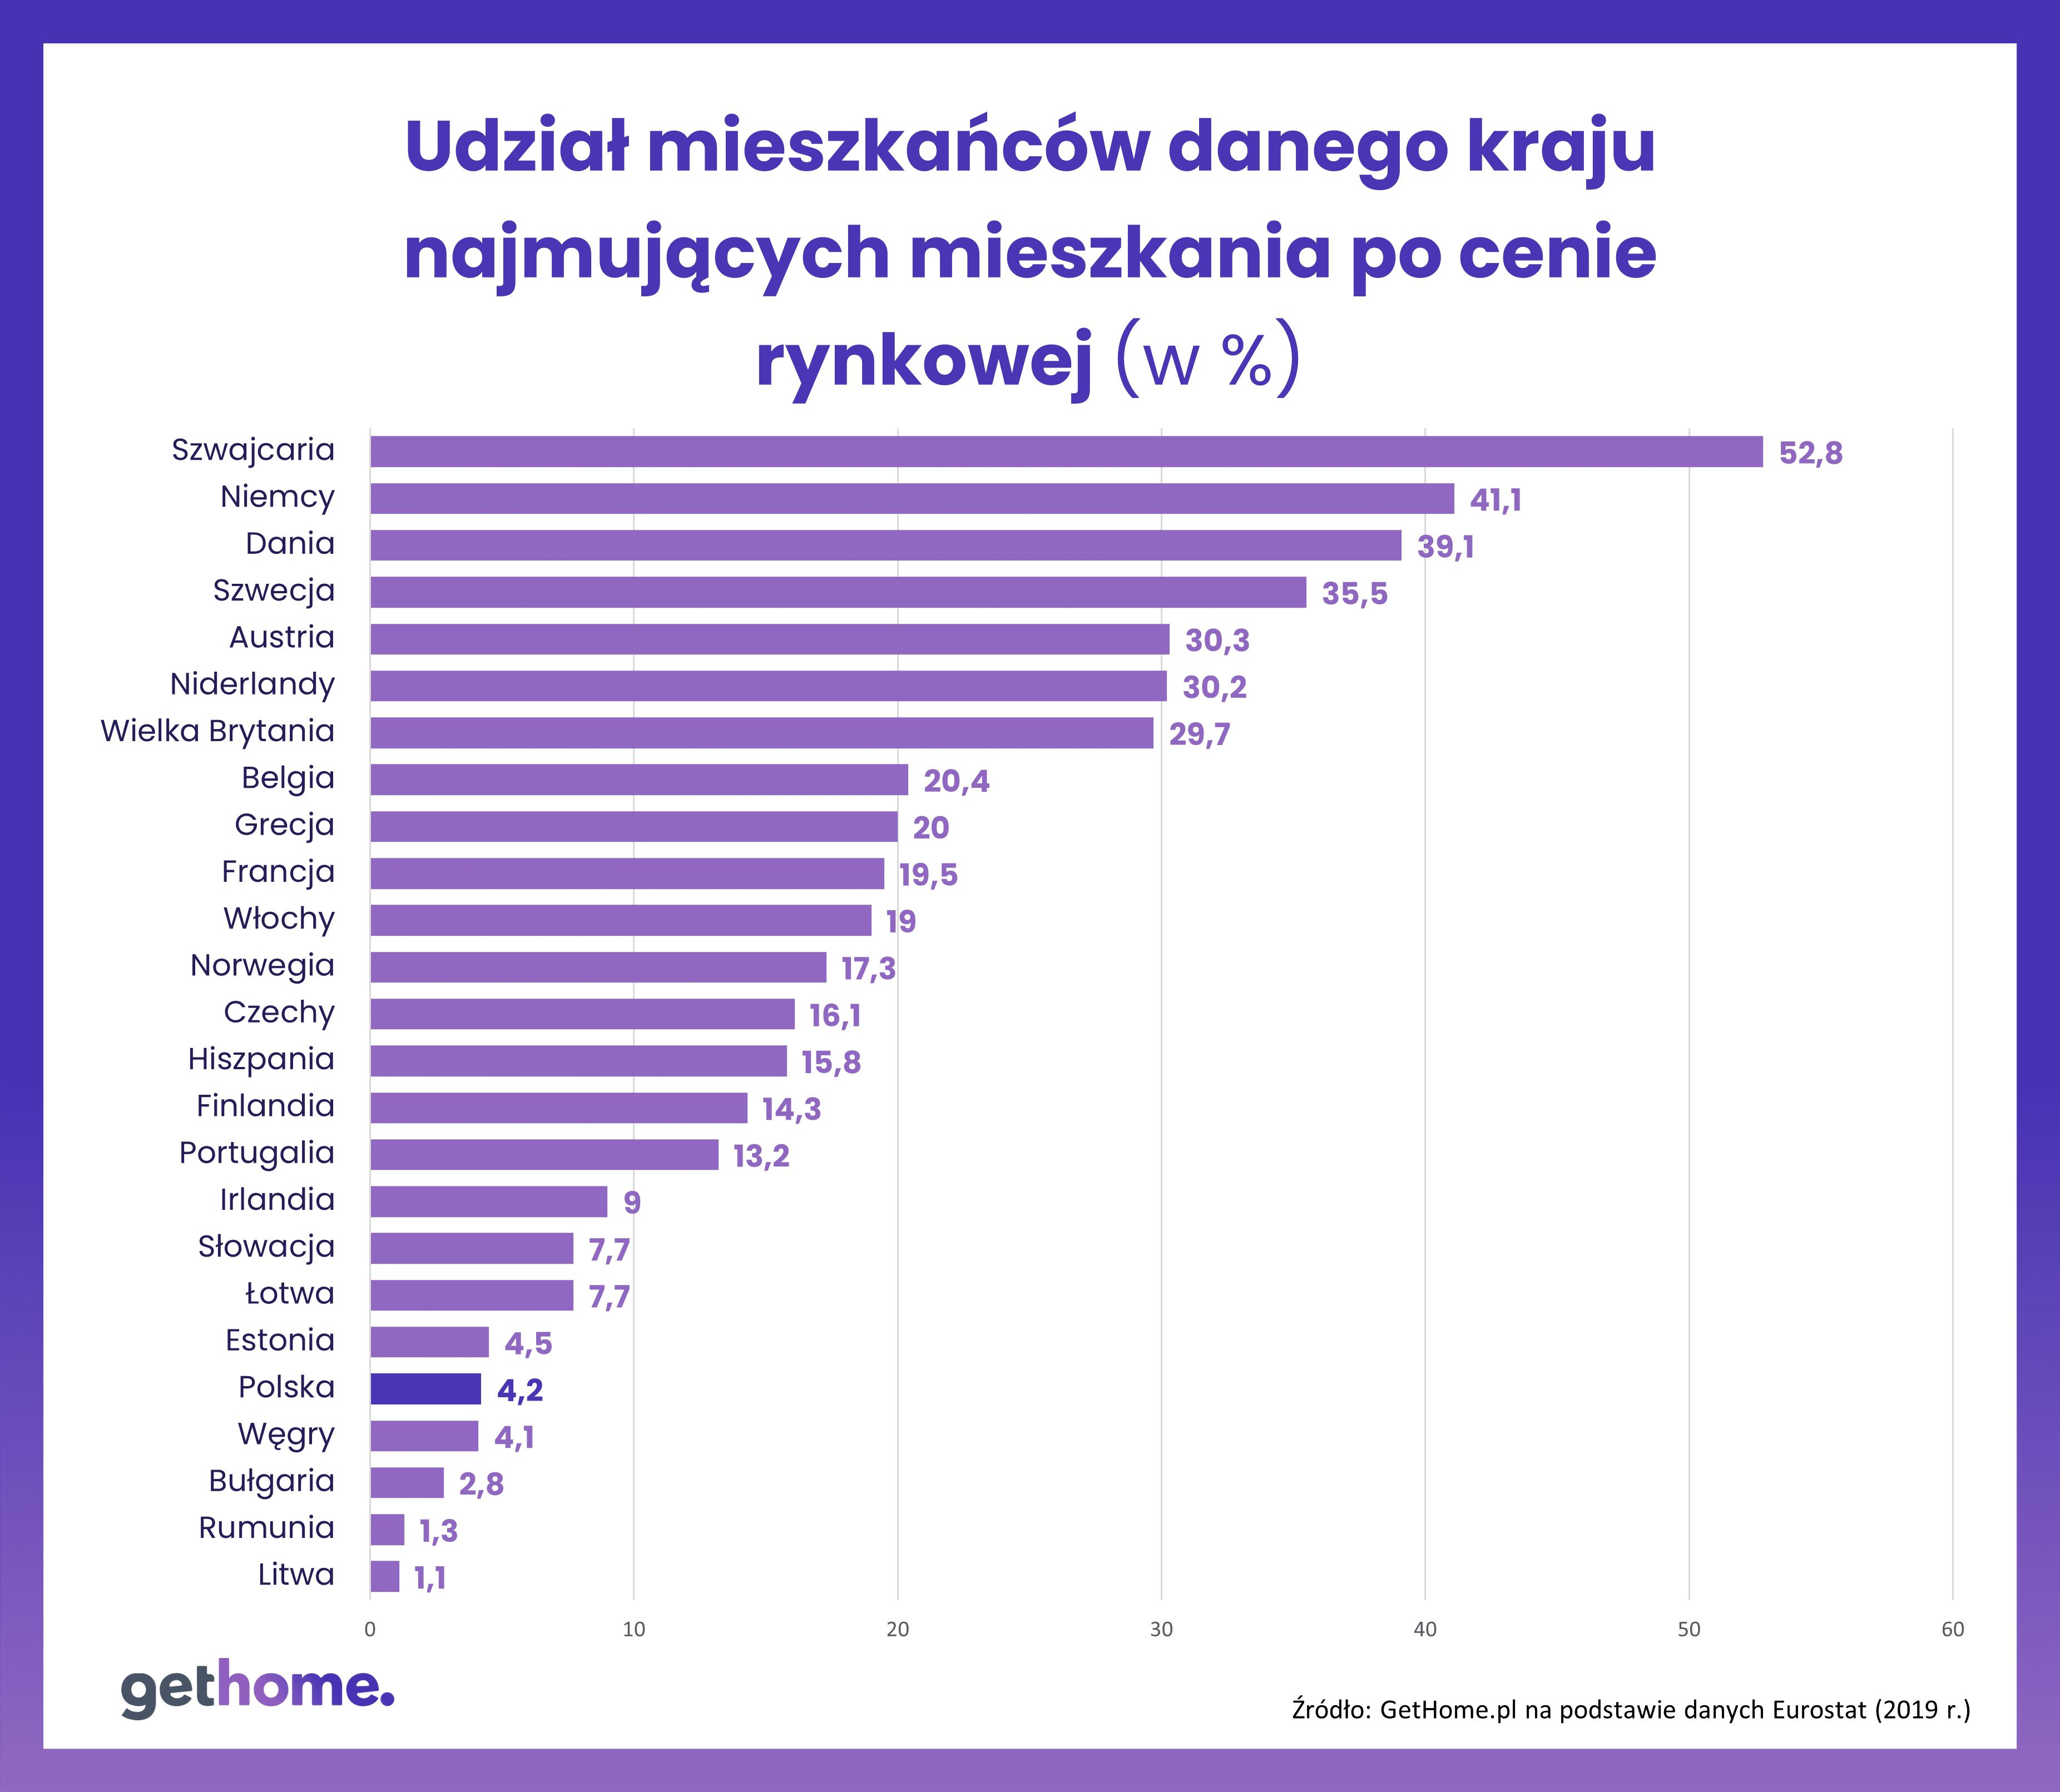 Najem-rynkowy-Eurostat